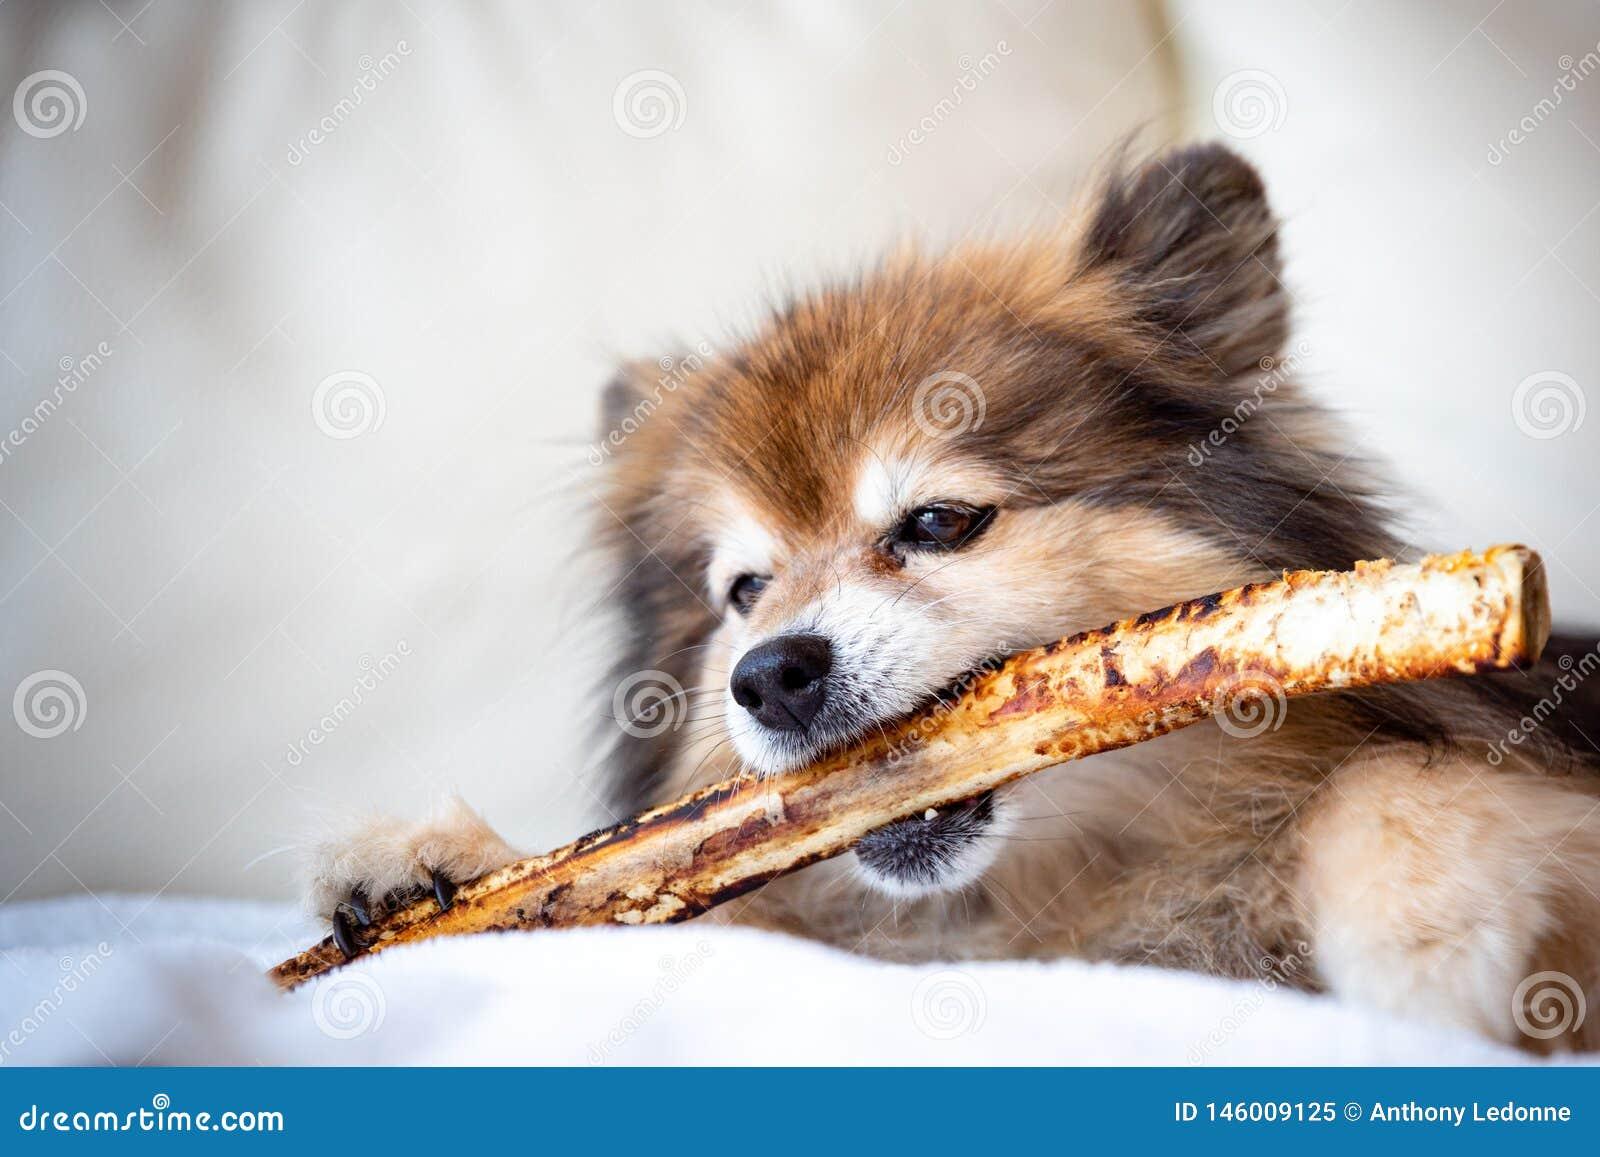 Un Pomeranian mastica un hueso grande